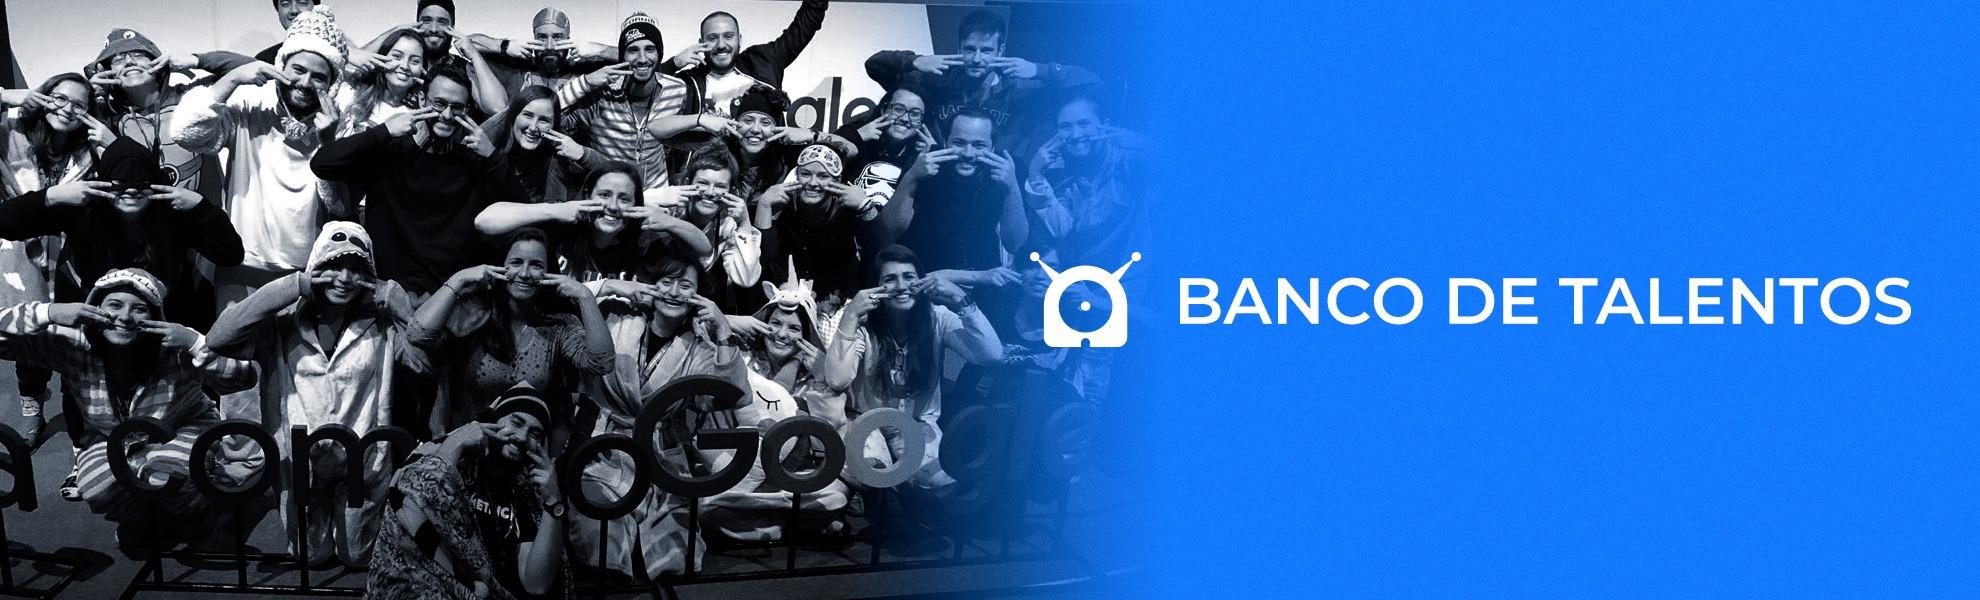 Banco de Talentos - Venha trabalhar na GUPY!